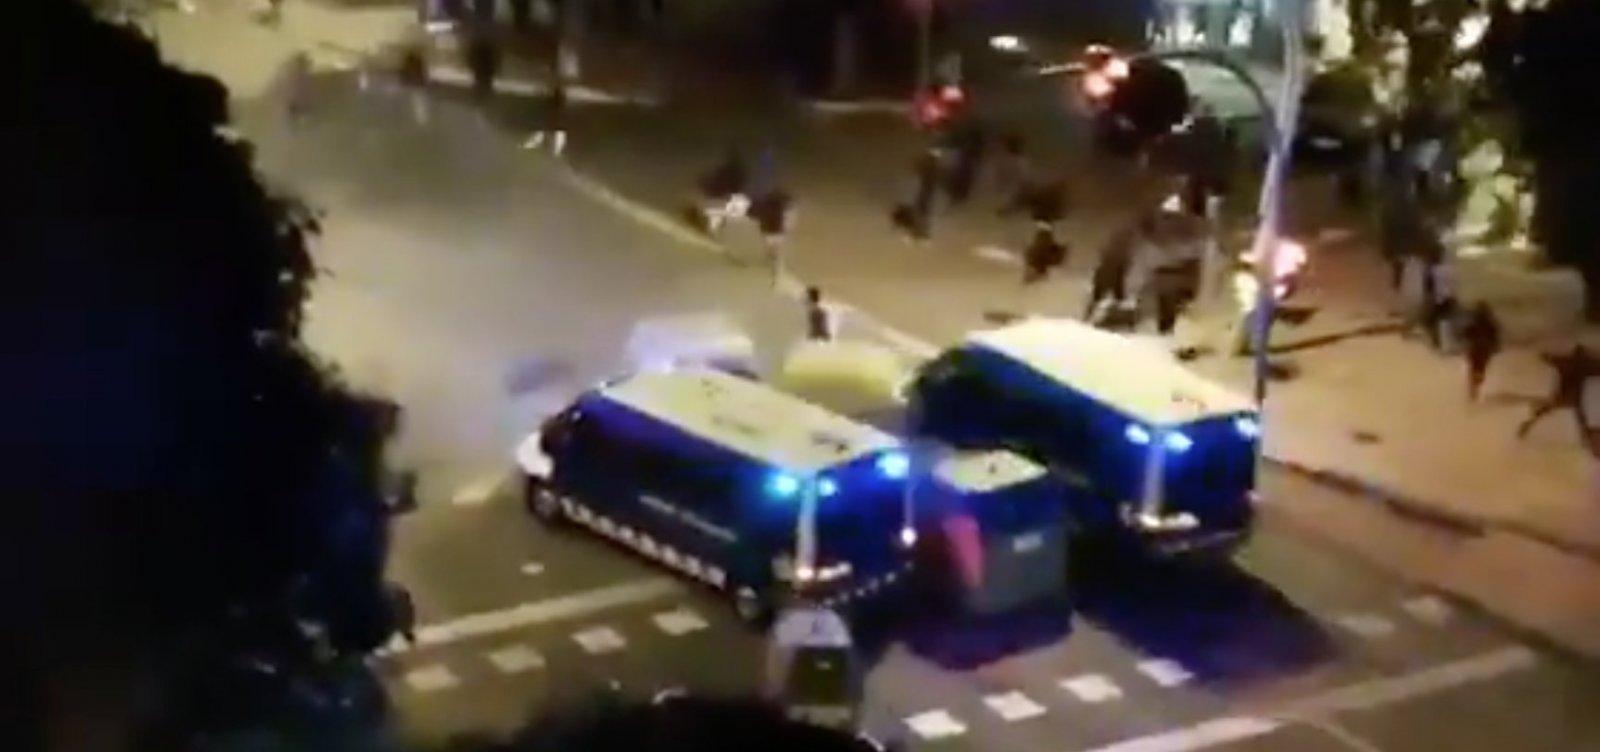 Prefeita de Barcelona pede fim de violência em manifestações